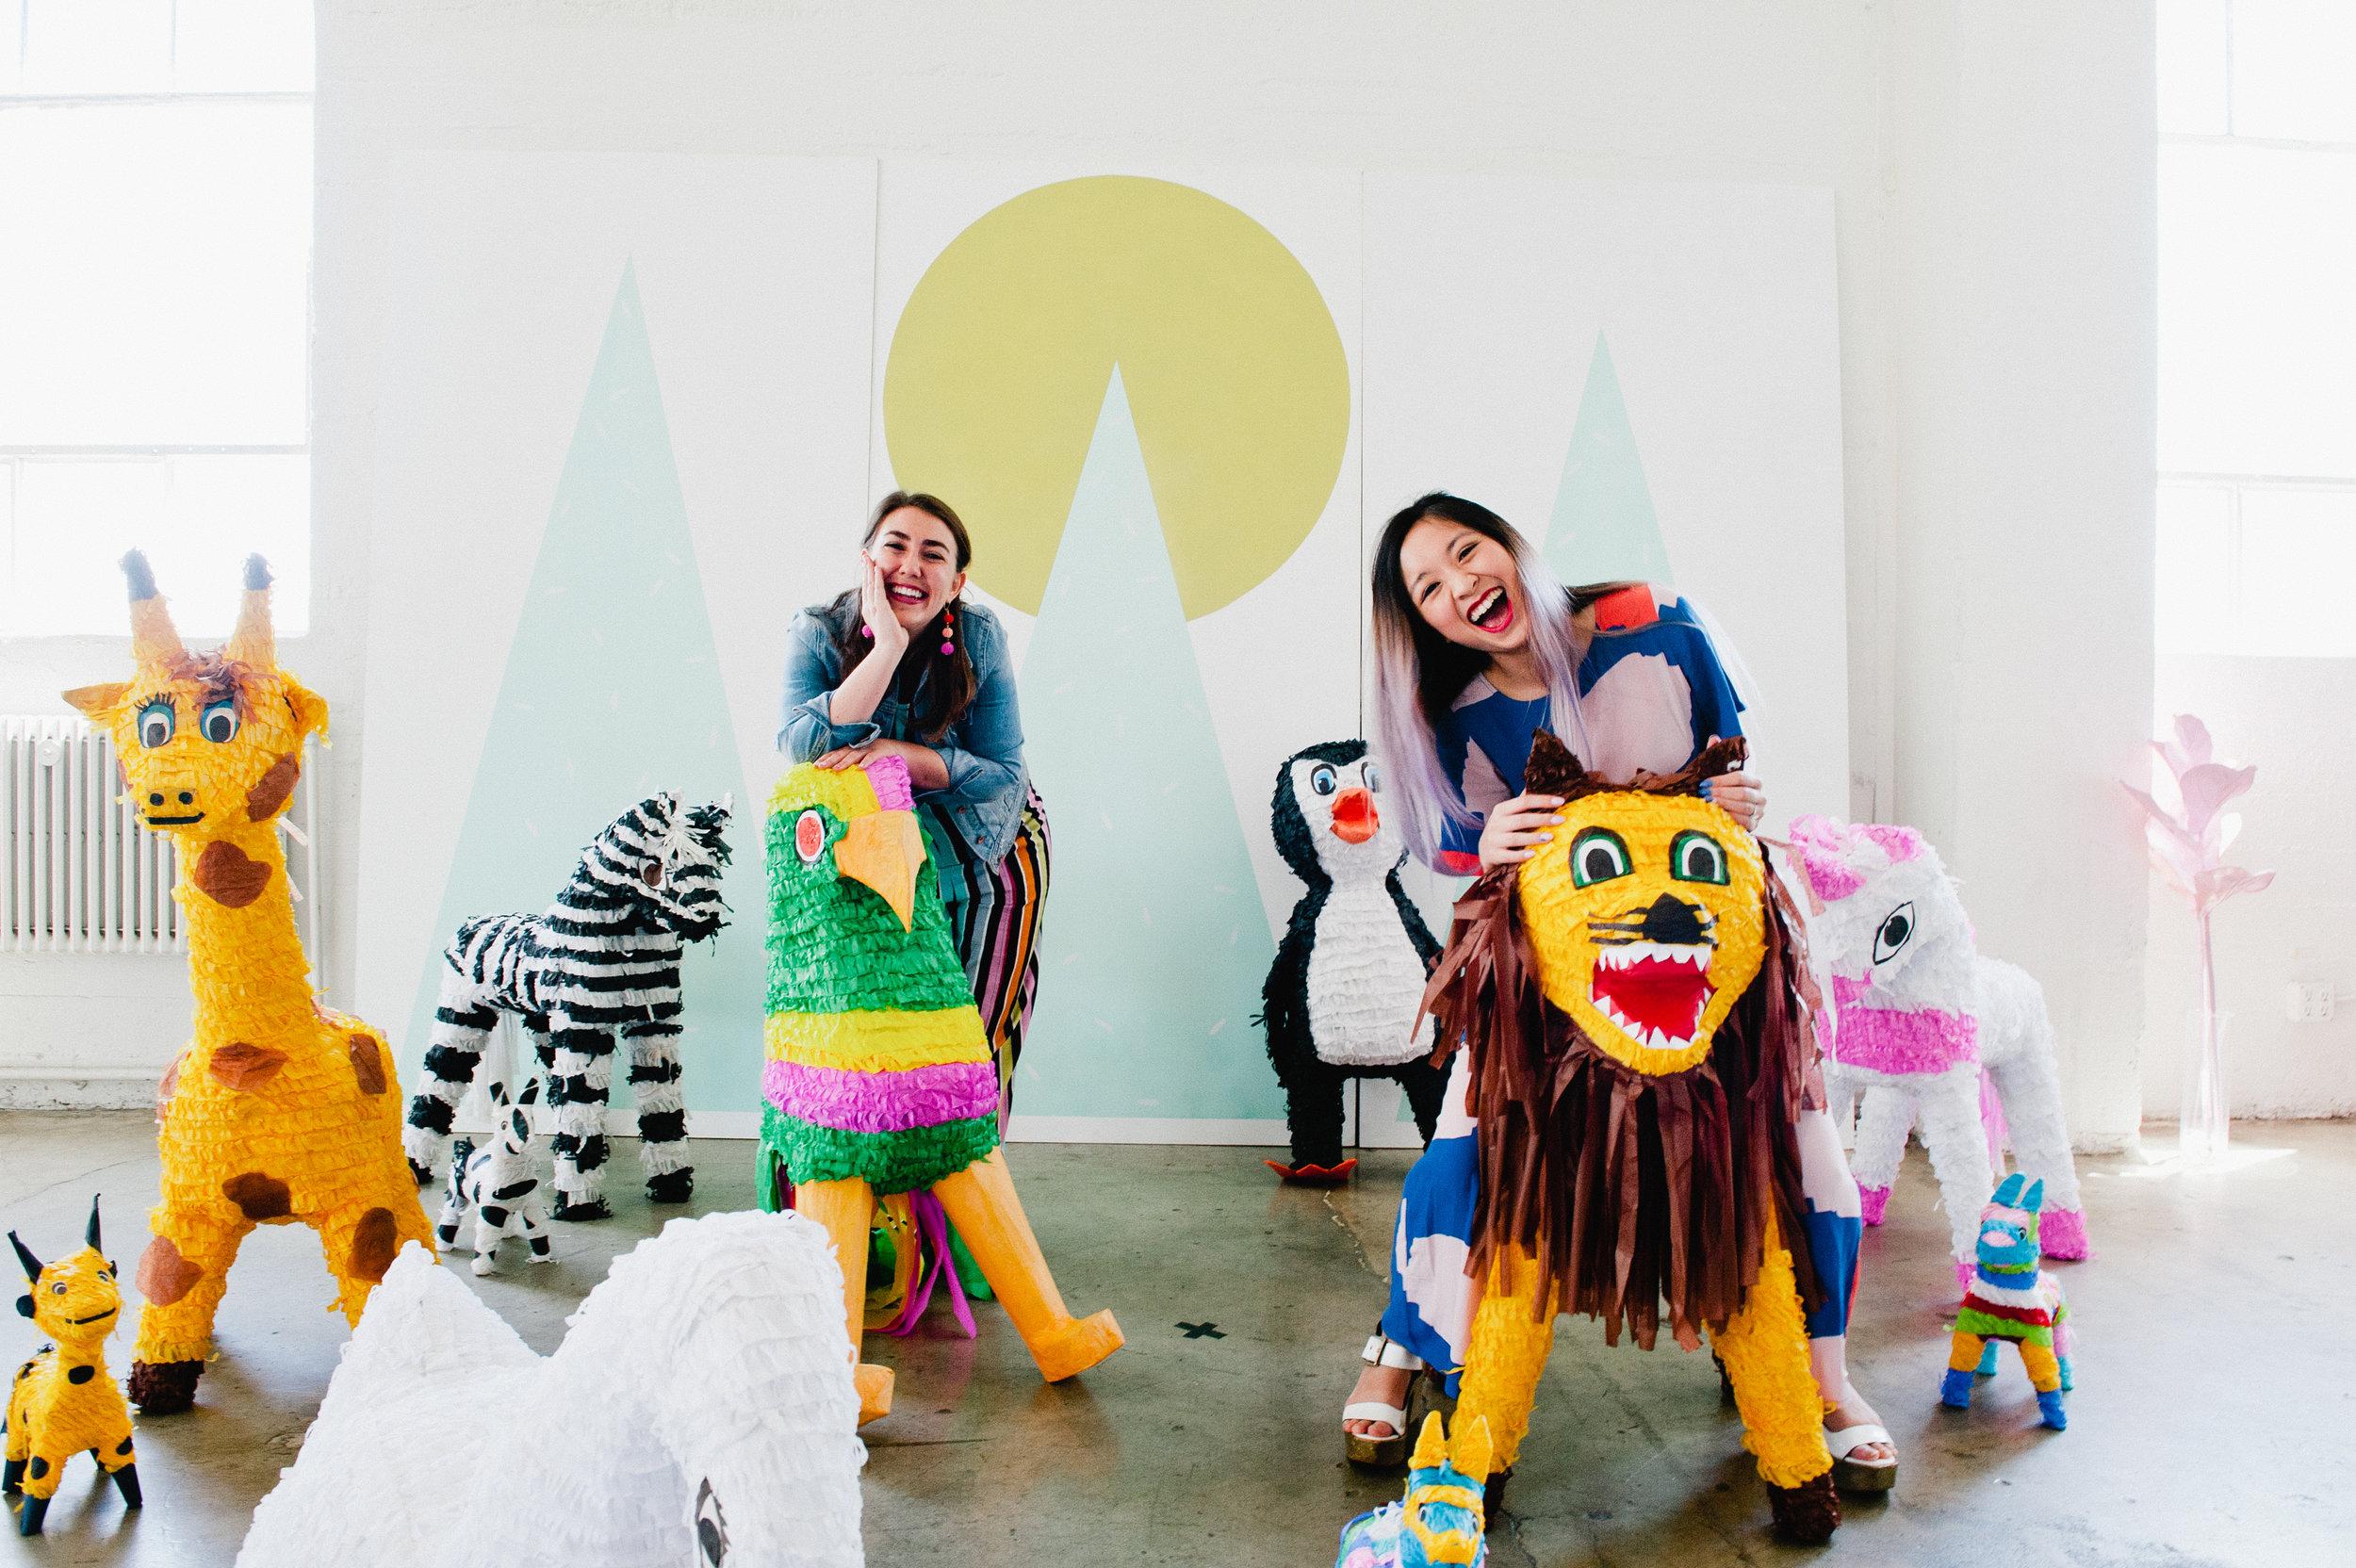 Miraya (left) and Liang (right) at the   piñata petting zoo.